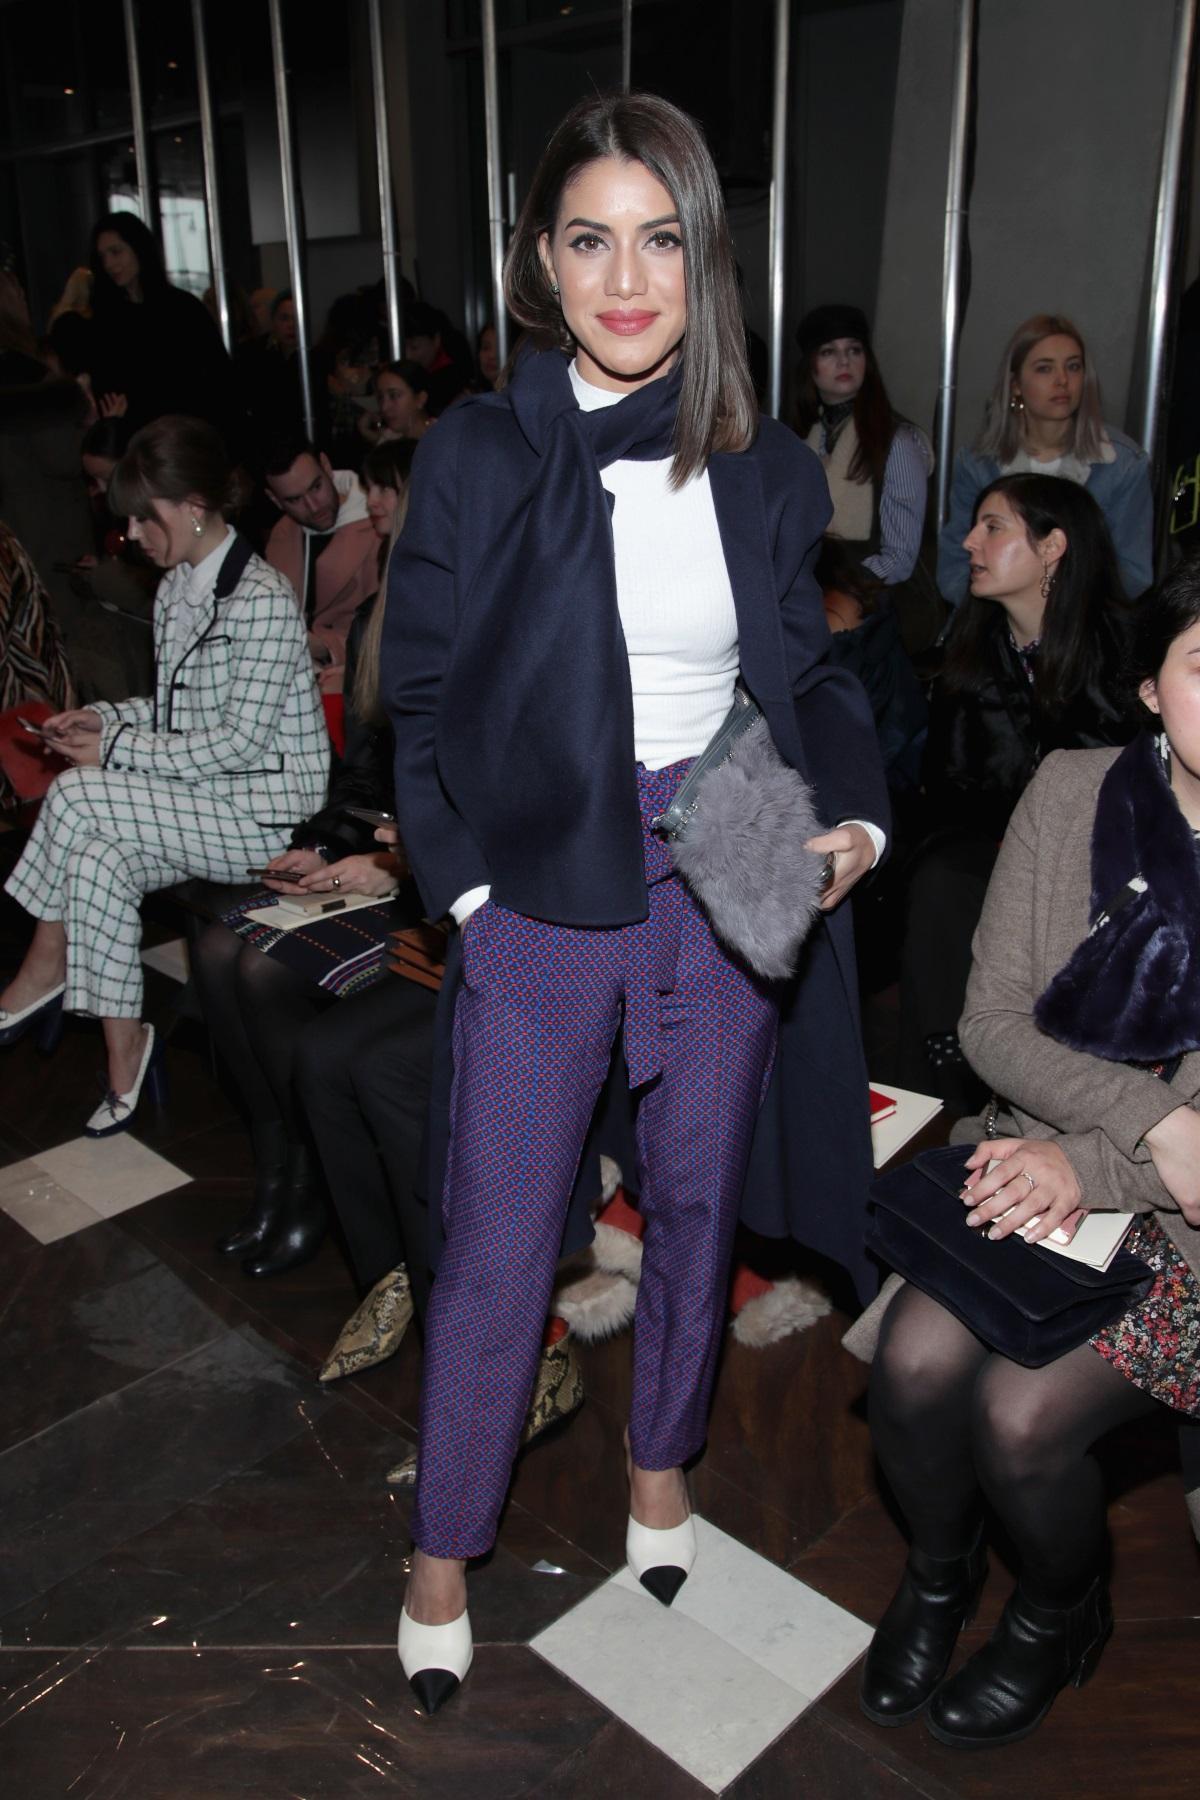 Блогърката и моден инфлуенсър Камила Коелю направи своя зашеметяващ дебют на кинофестивала в Кан през май тази година, като се появи с рокля за над 1 милион долара. Това обаче не е единственият път, когато пристрастеното към мода момиче прави впечатление с избора си на дрехи. Нейният стил е комбинация от цветове, материи, кройки, понякога дори нестандартни комбинации.